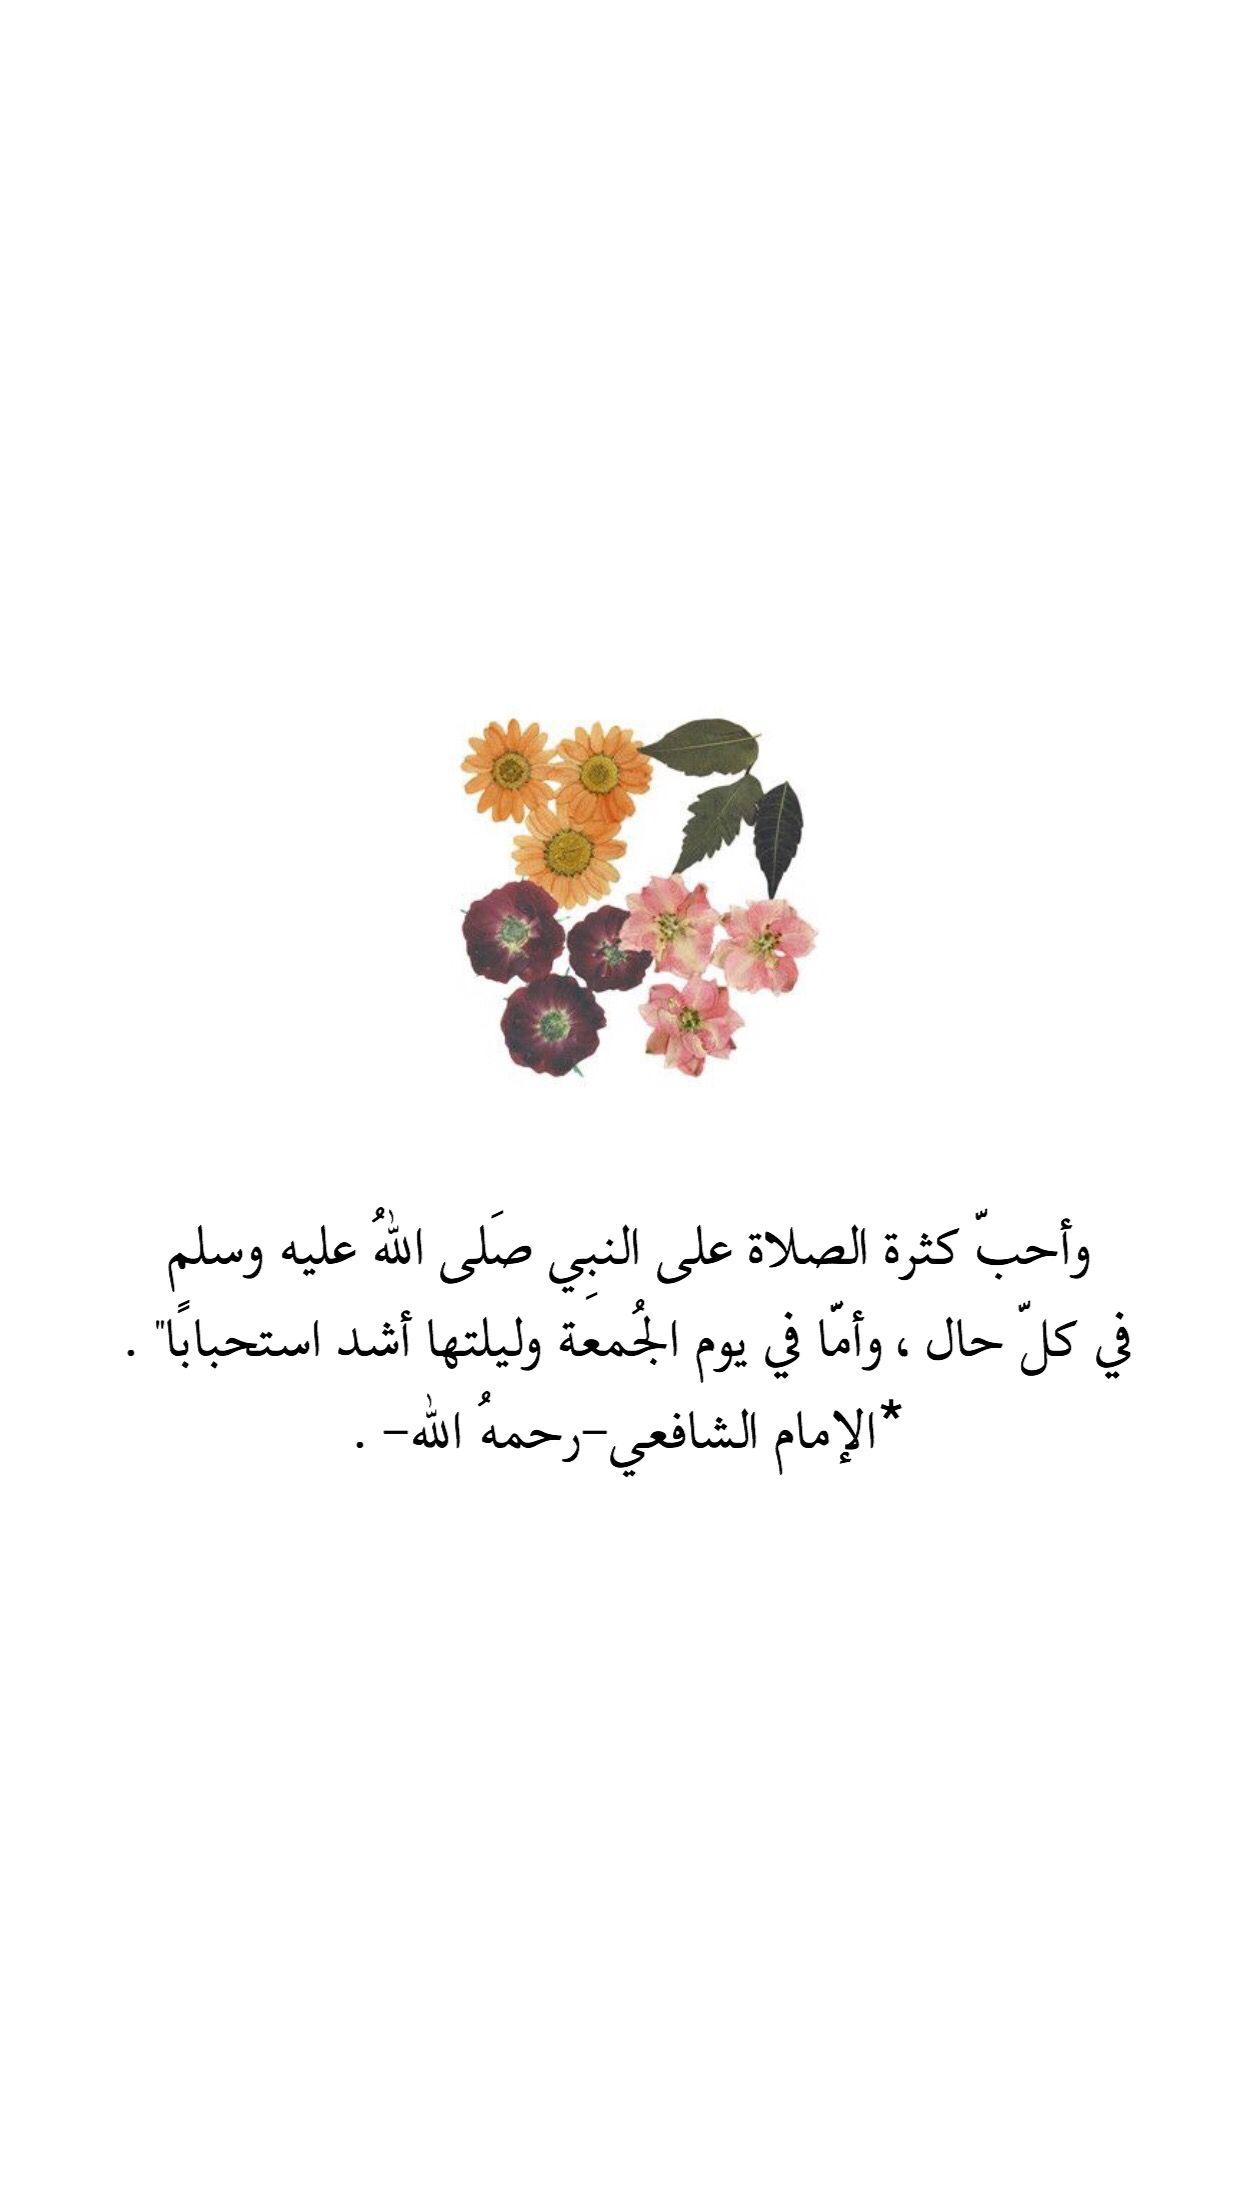 صل على محمد اللهم صل وسلم وبارك على سيدنا محمد Facebook